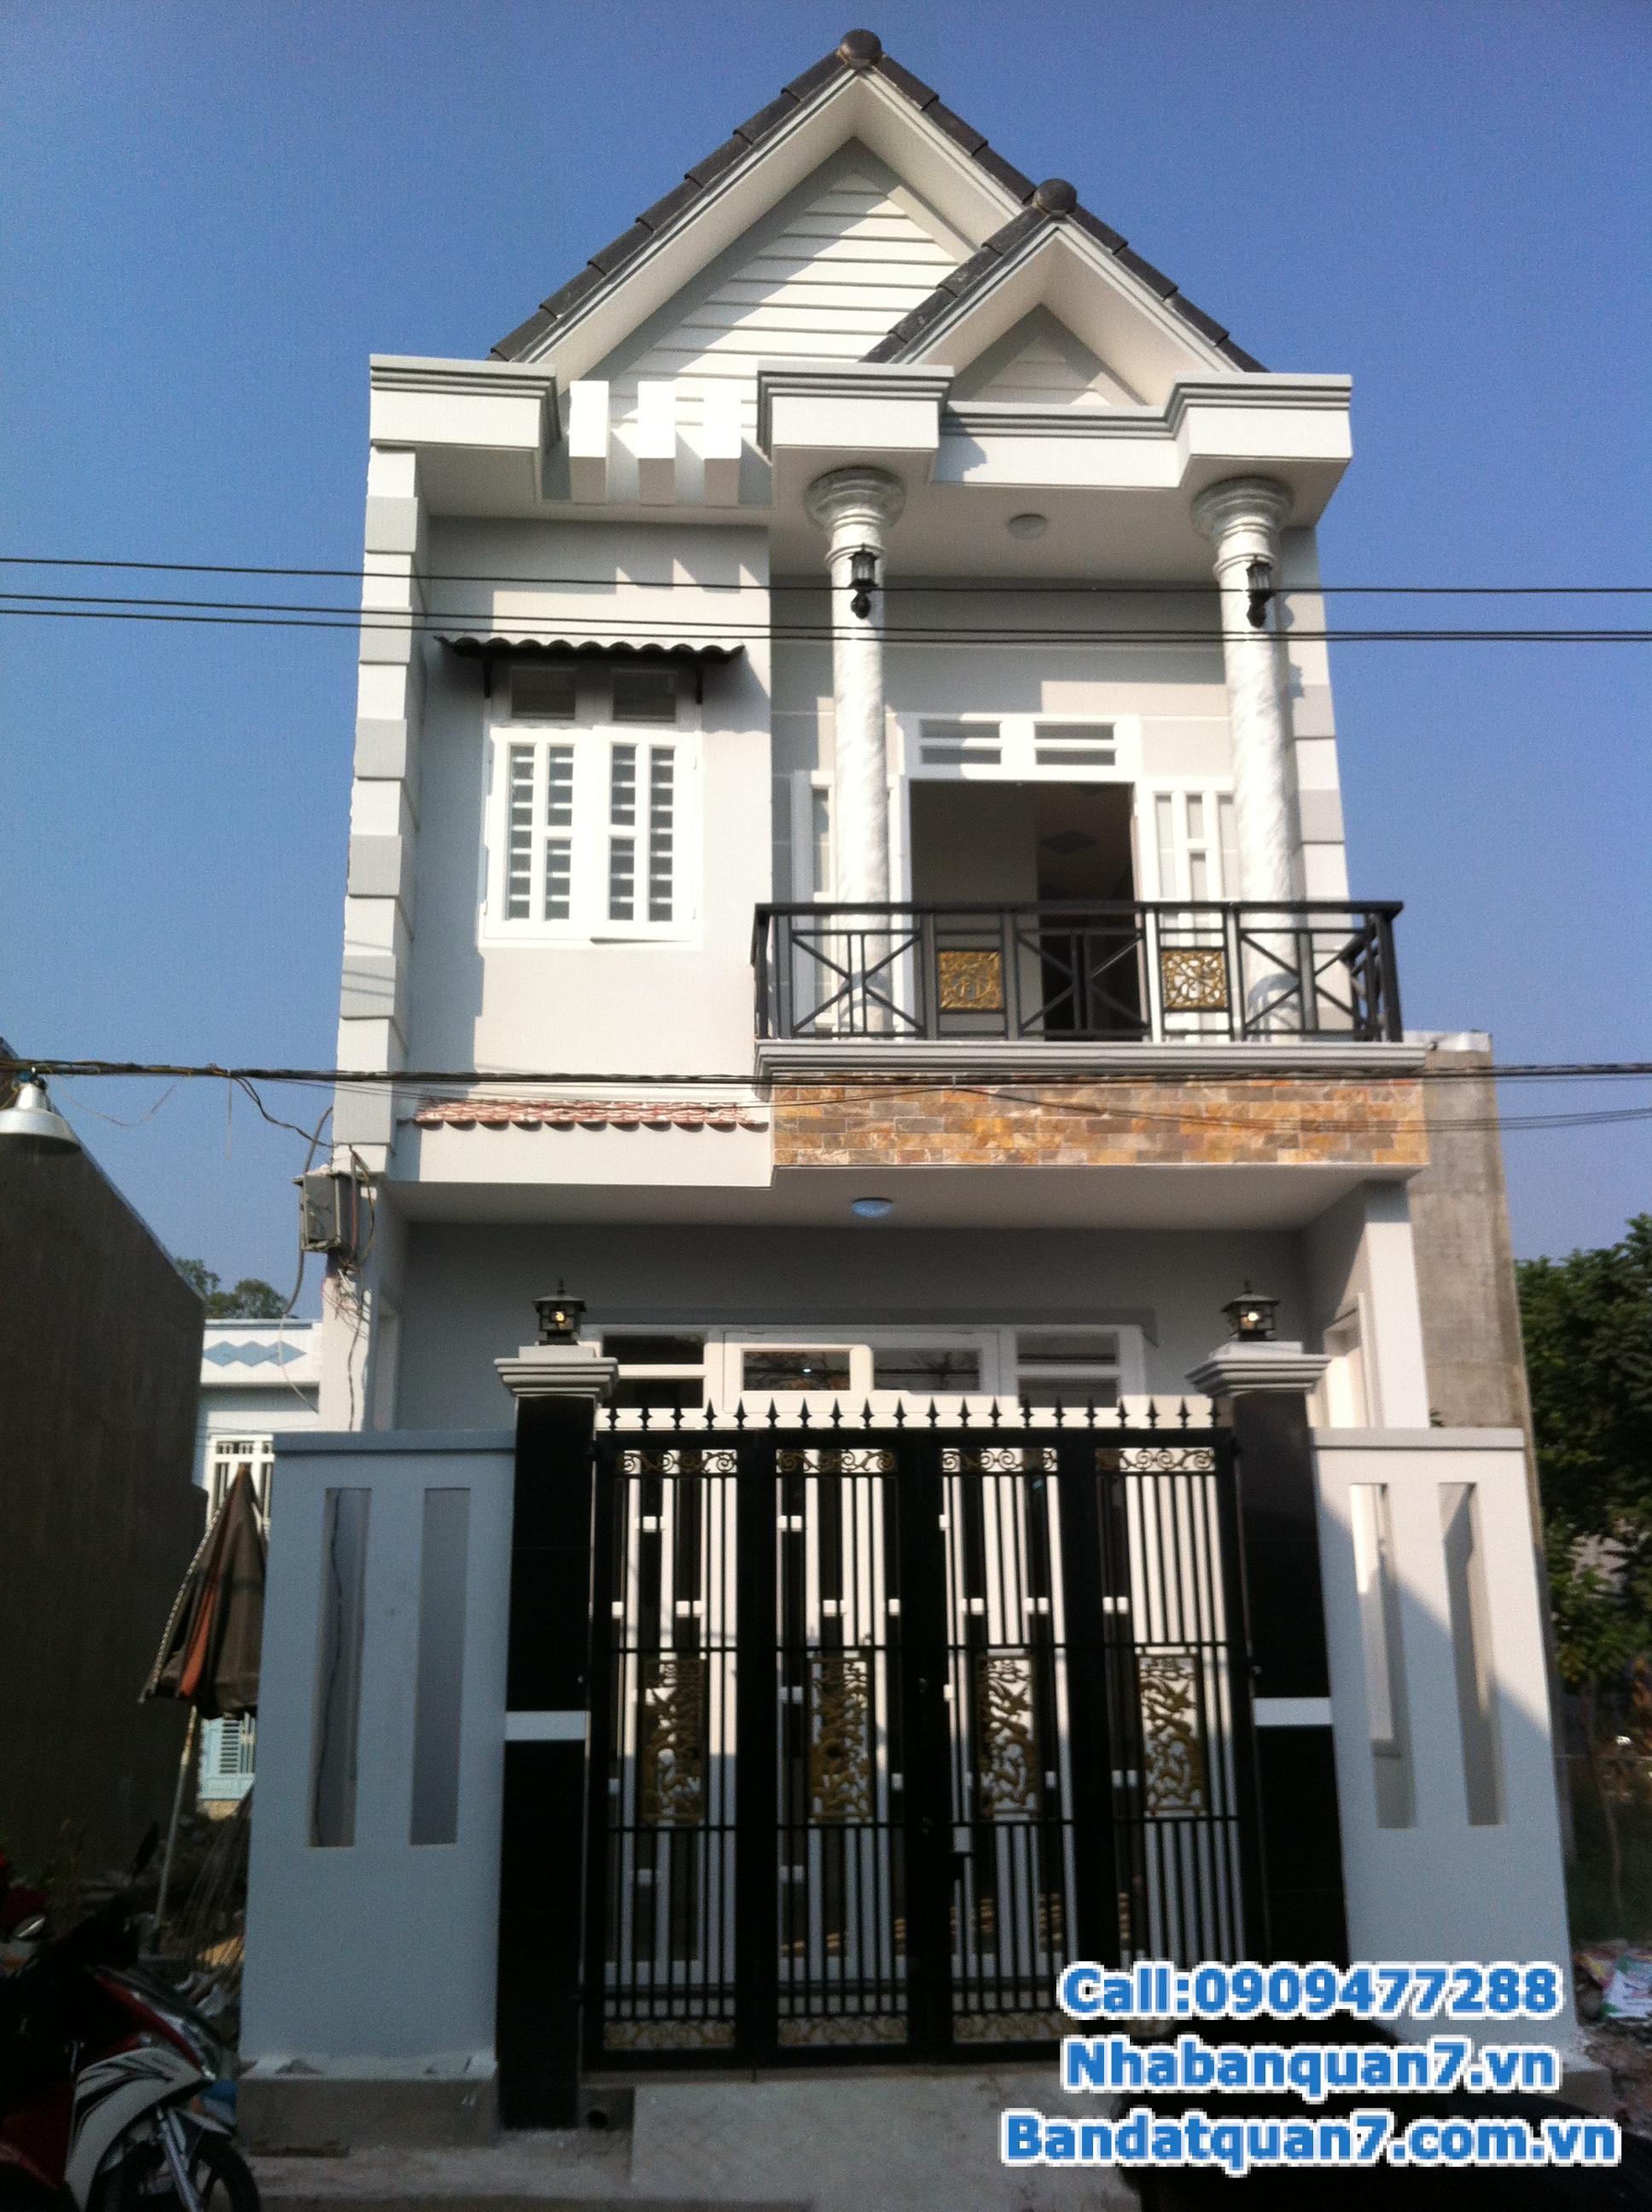 Cần bán gấp nhà hẻm 4m Bùi Văn Ba, p. Tân Thuận Đông, Quận 7